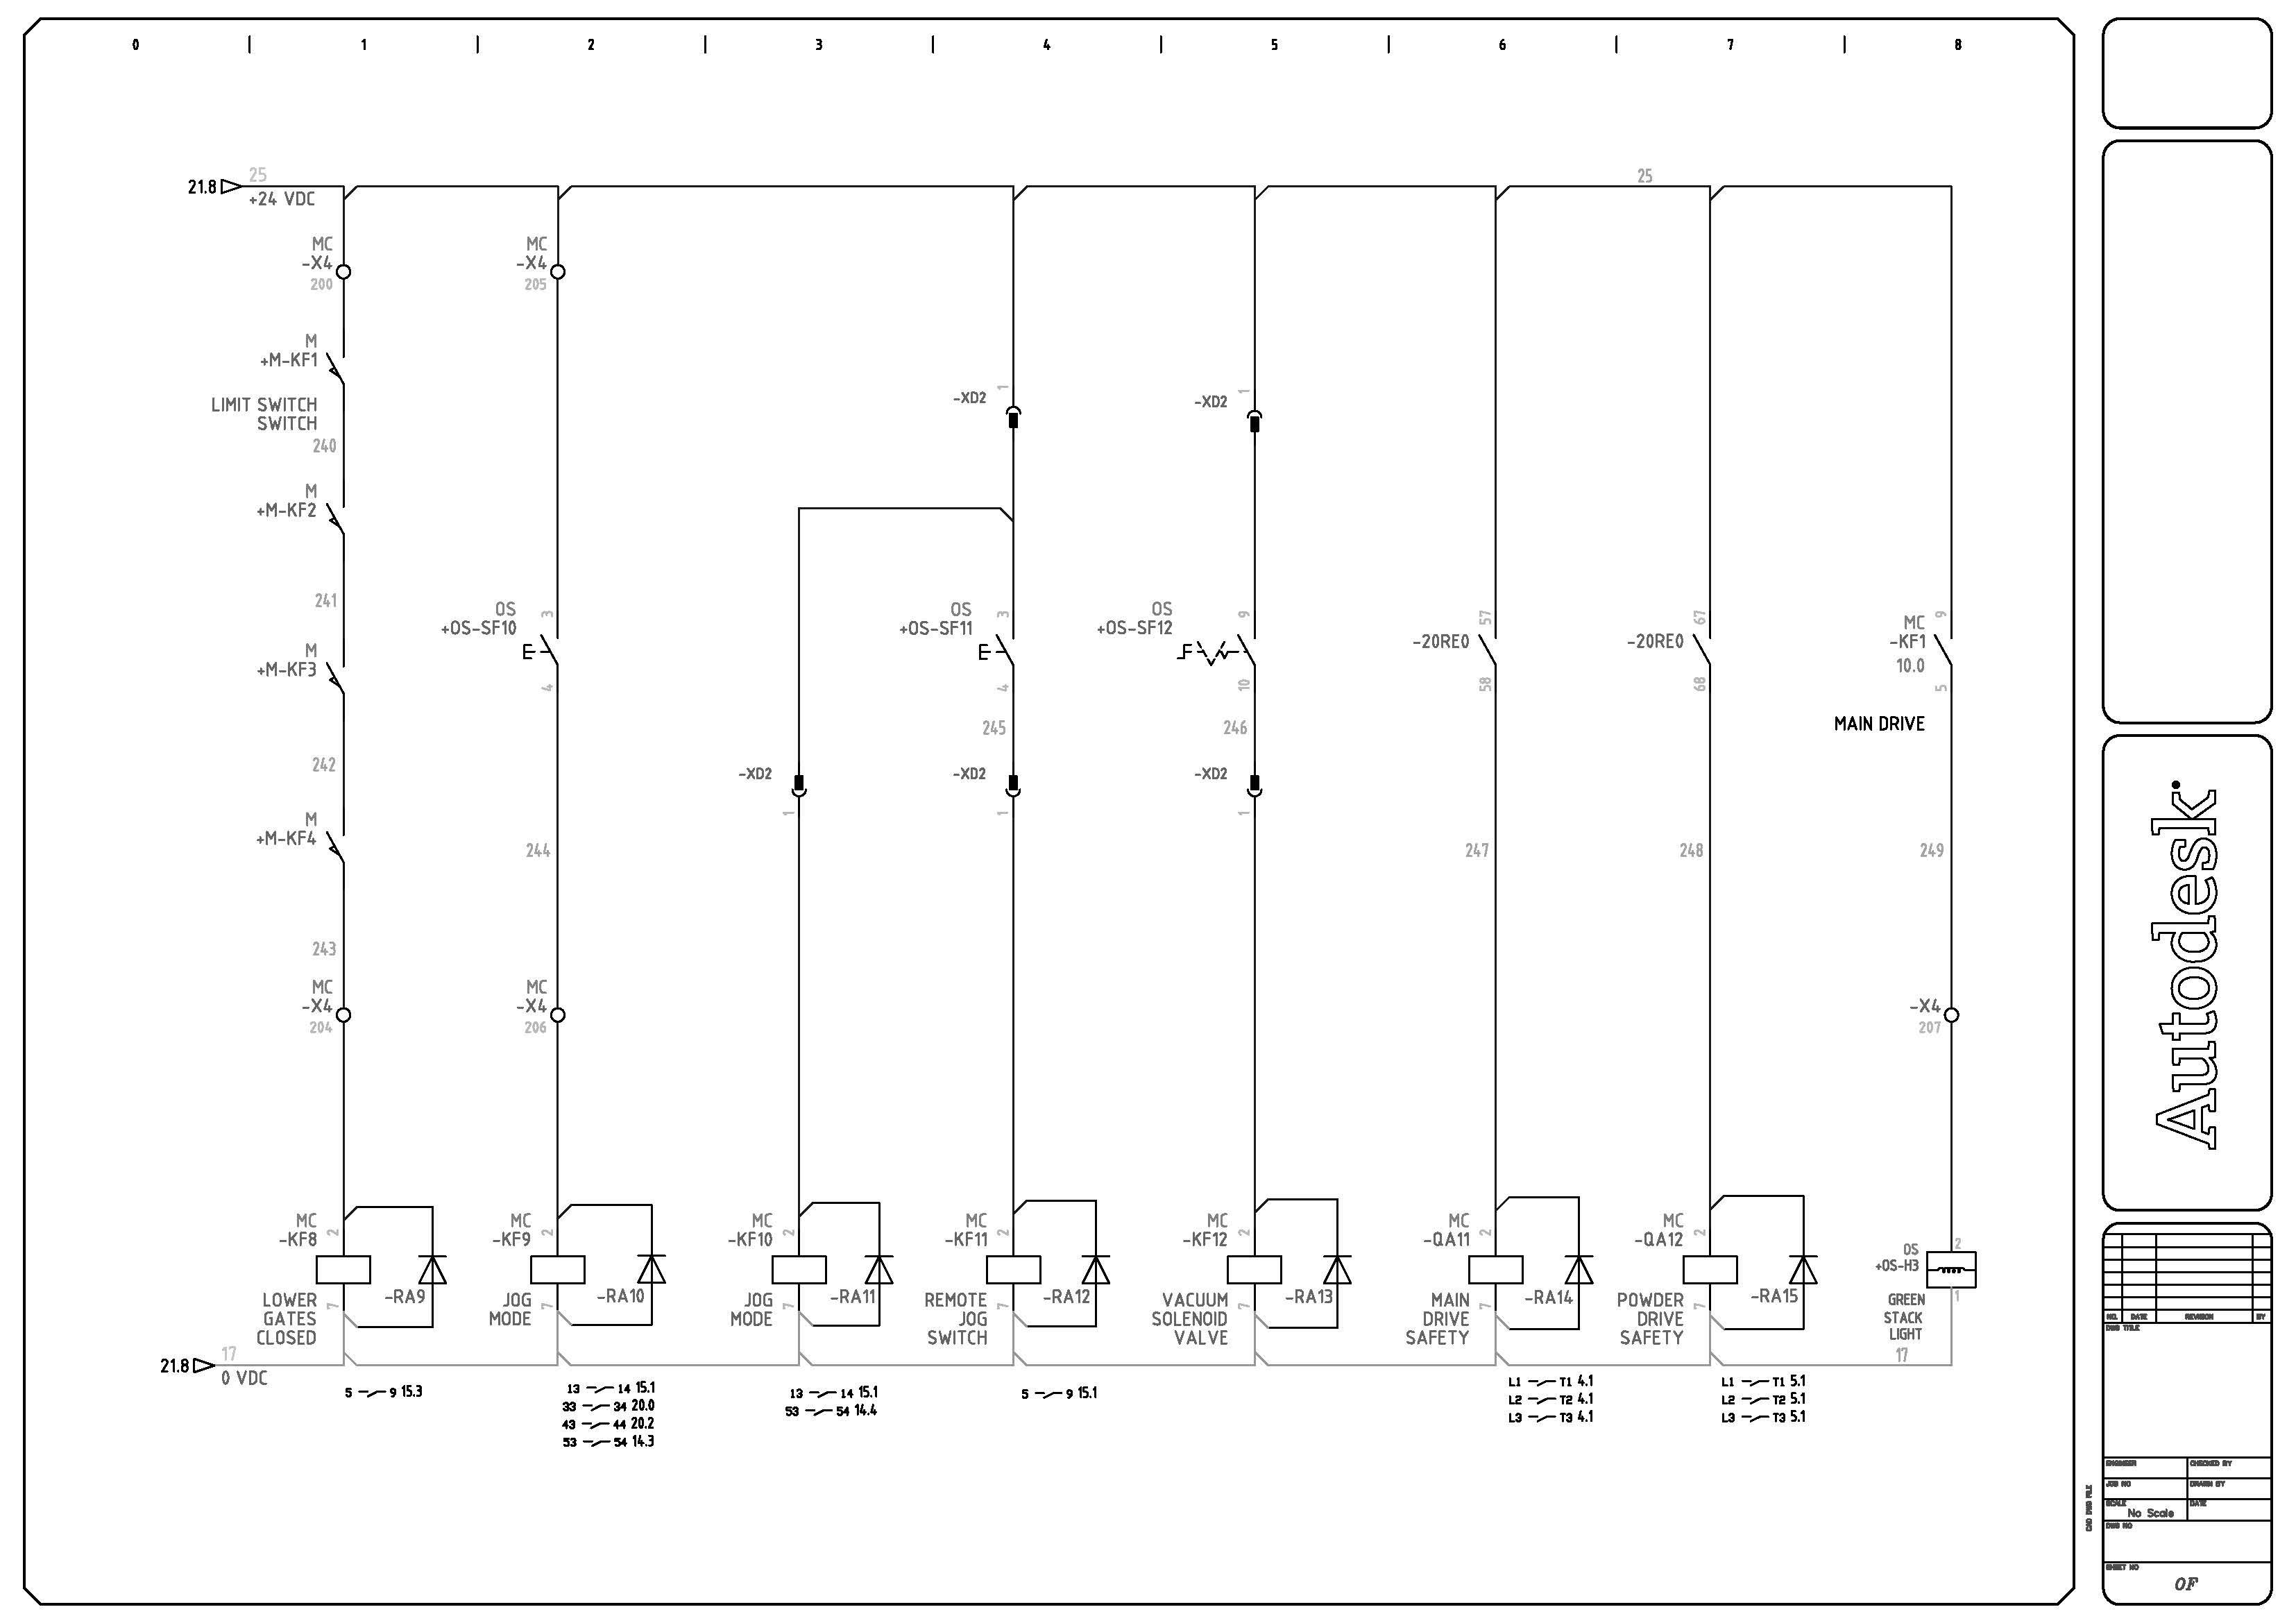 Schemi Elettrici Bordo Macchina : Edrawing consulenza sviluppo e stesura di schemi